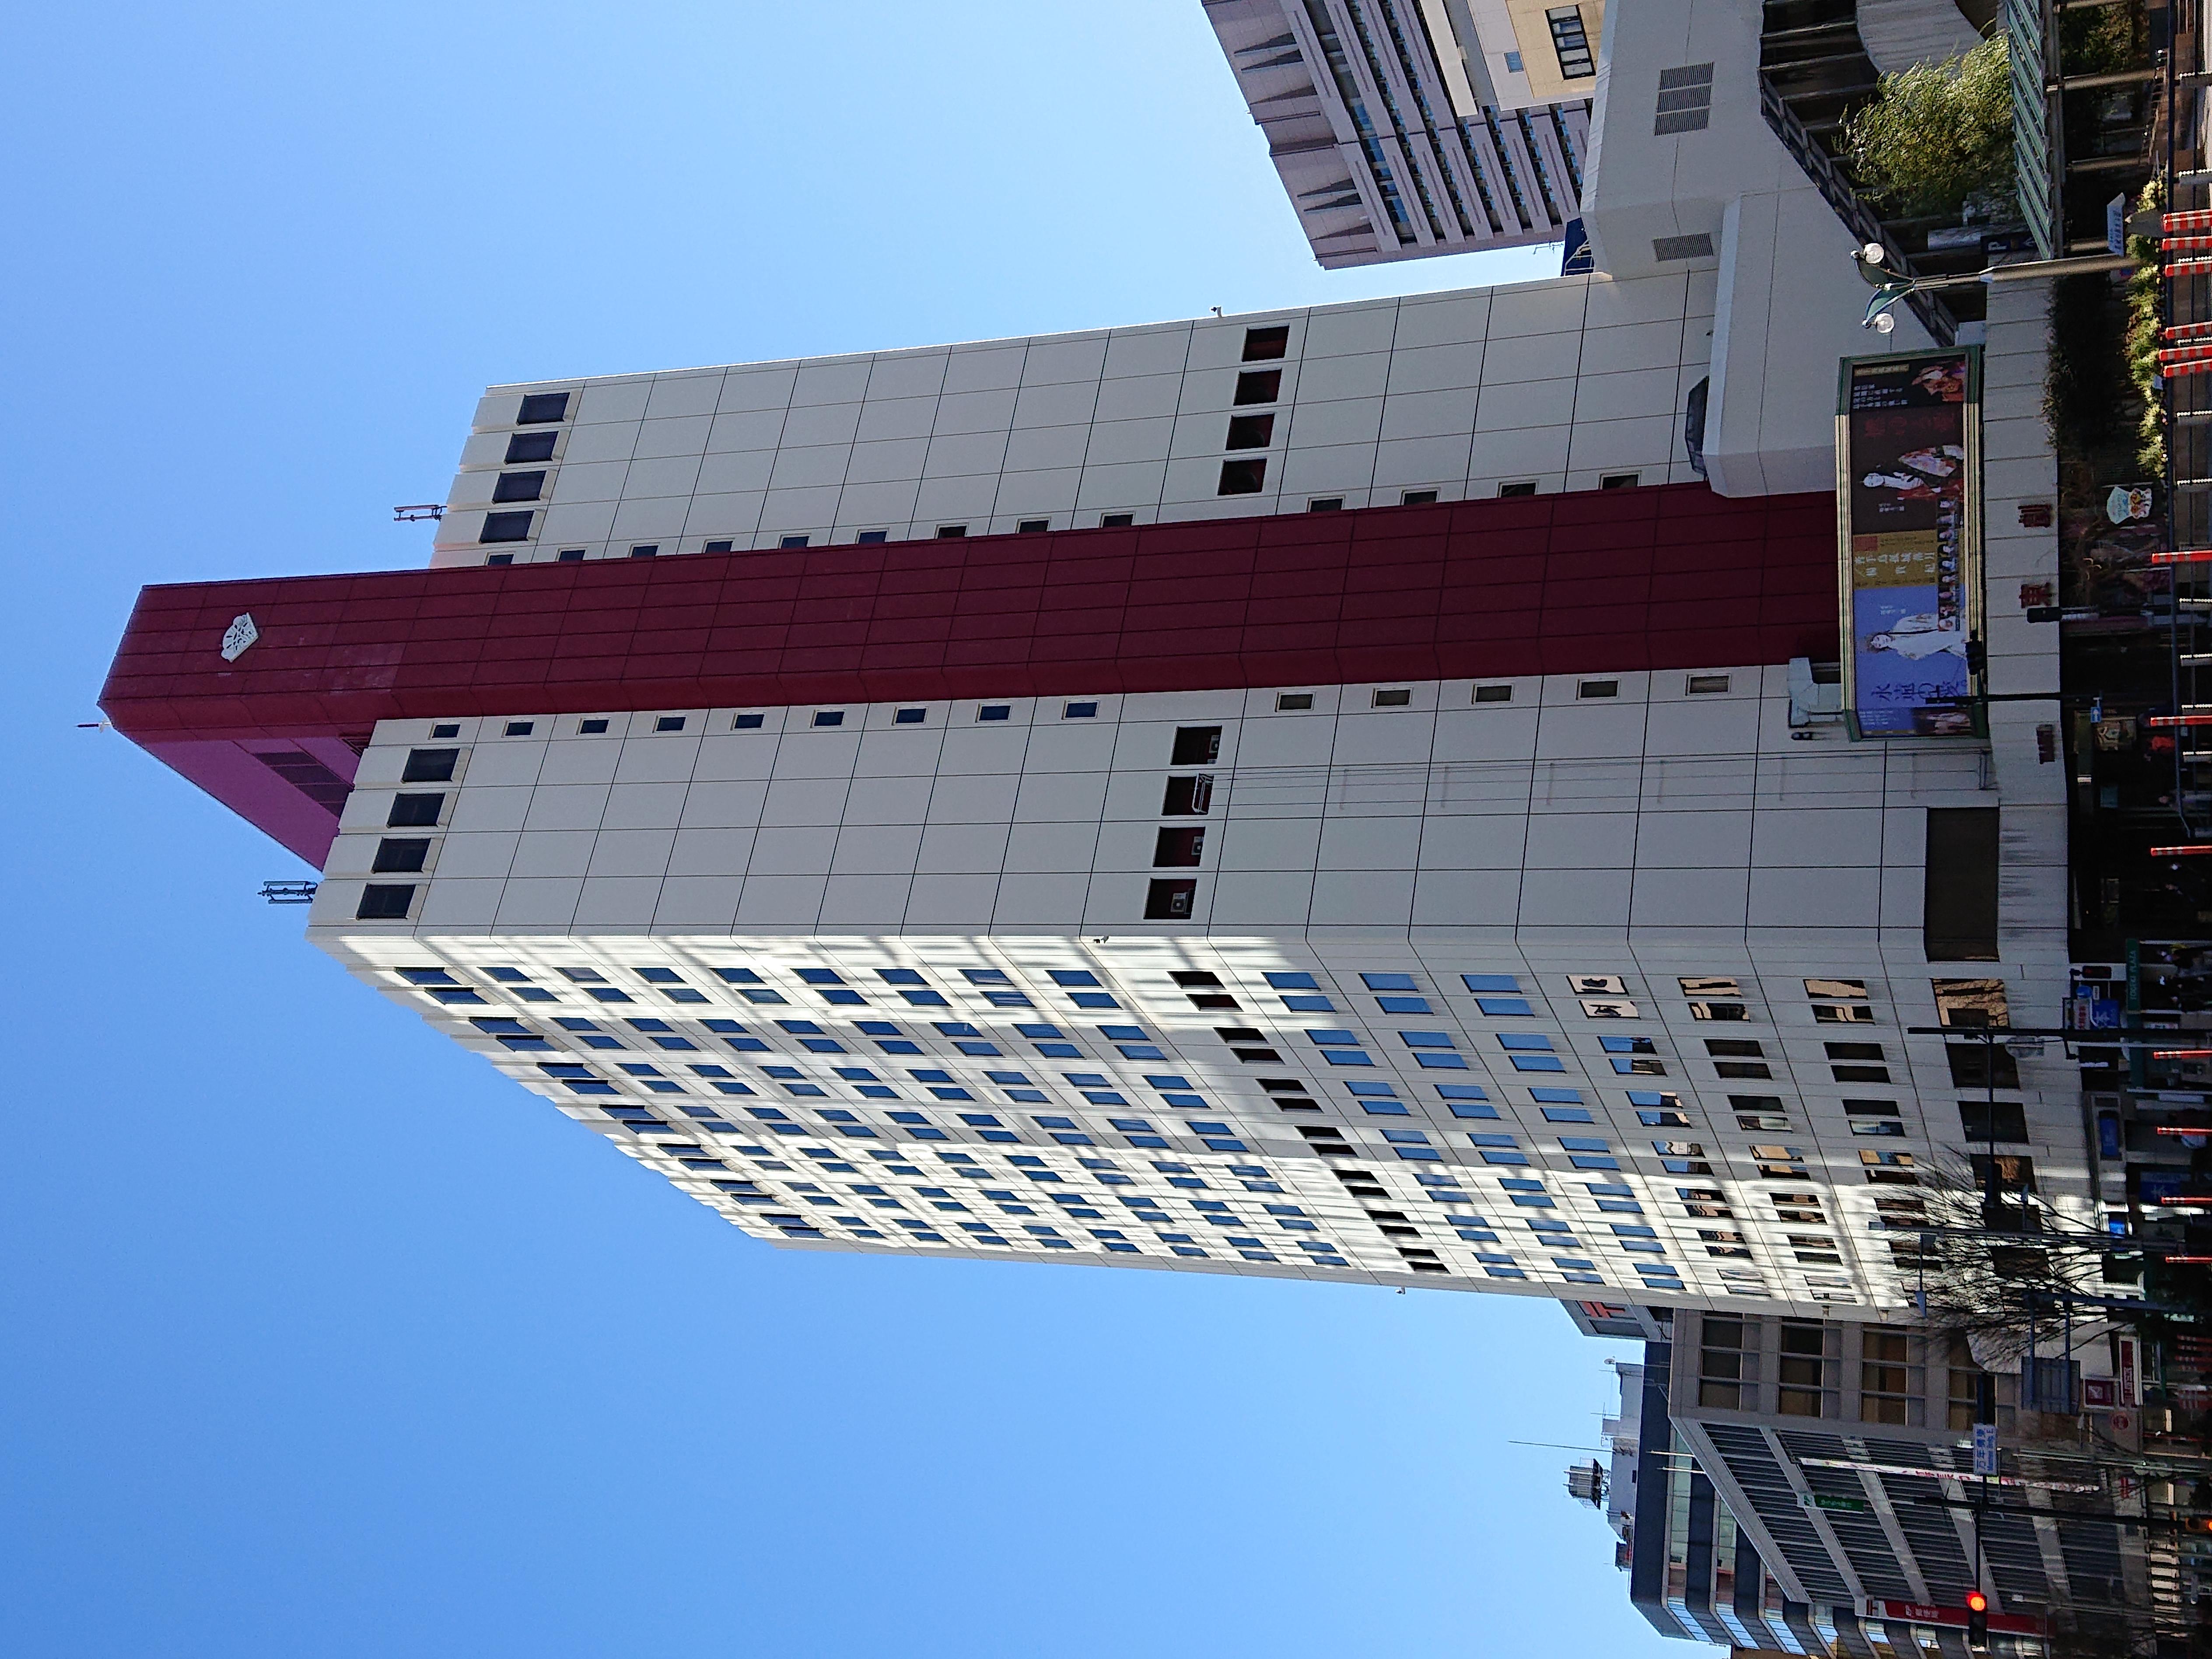 Shochiku HQ in Tokyo